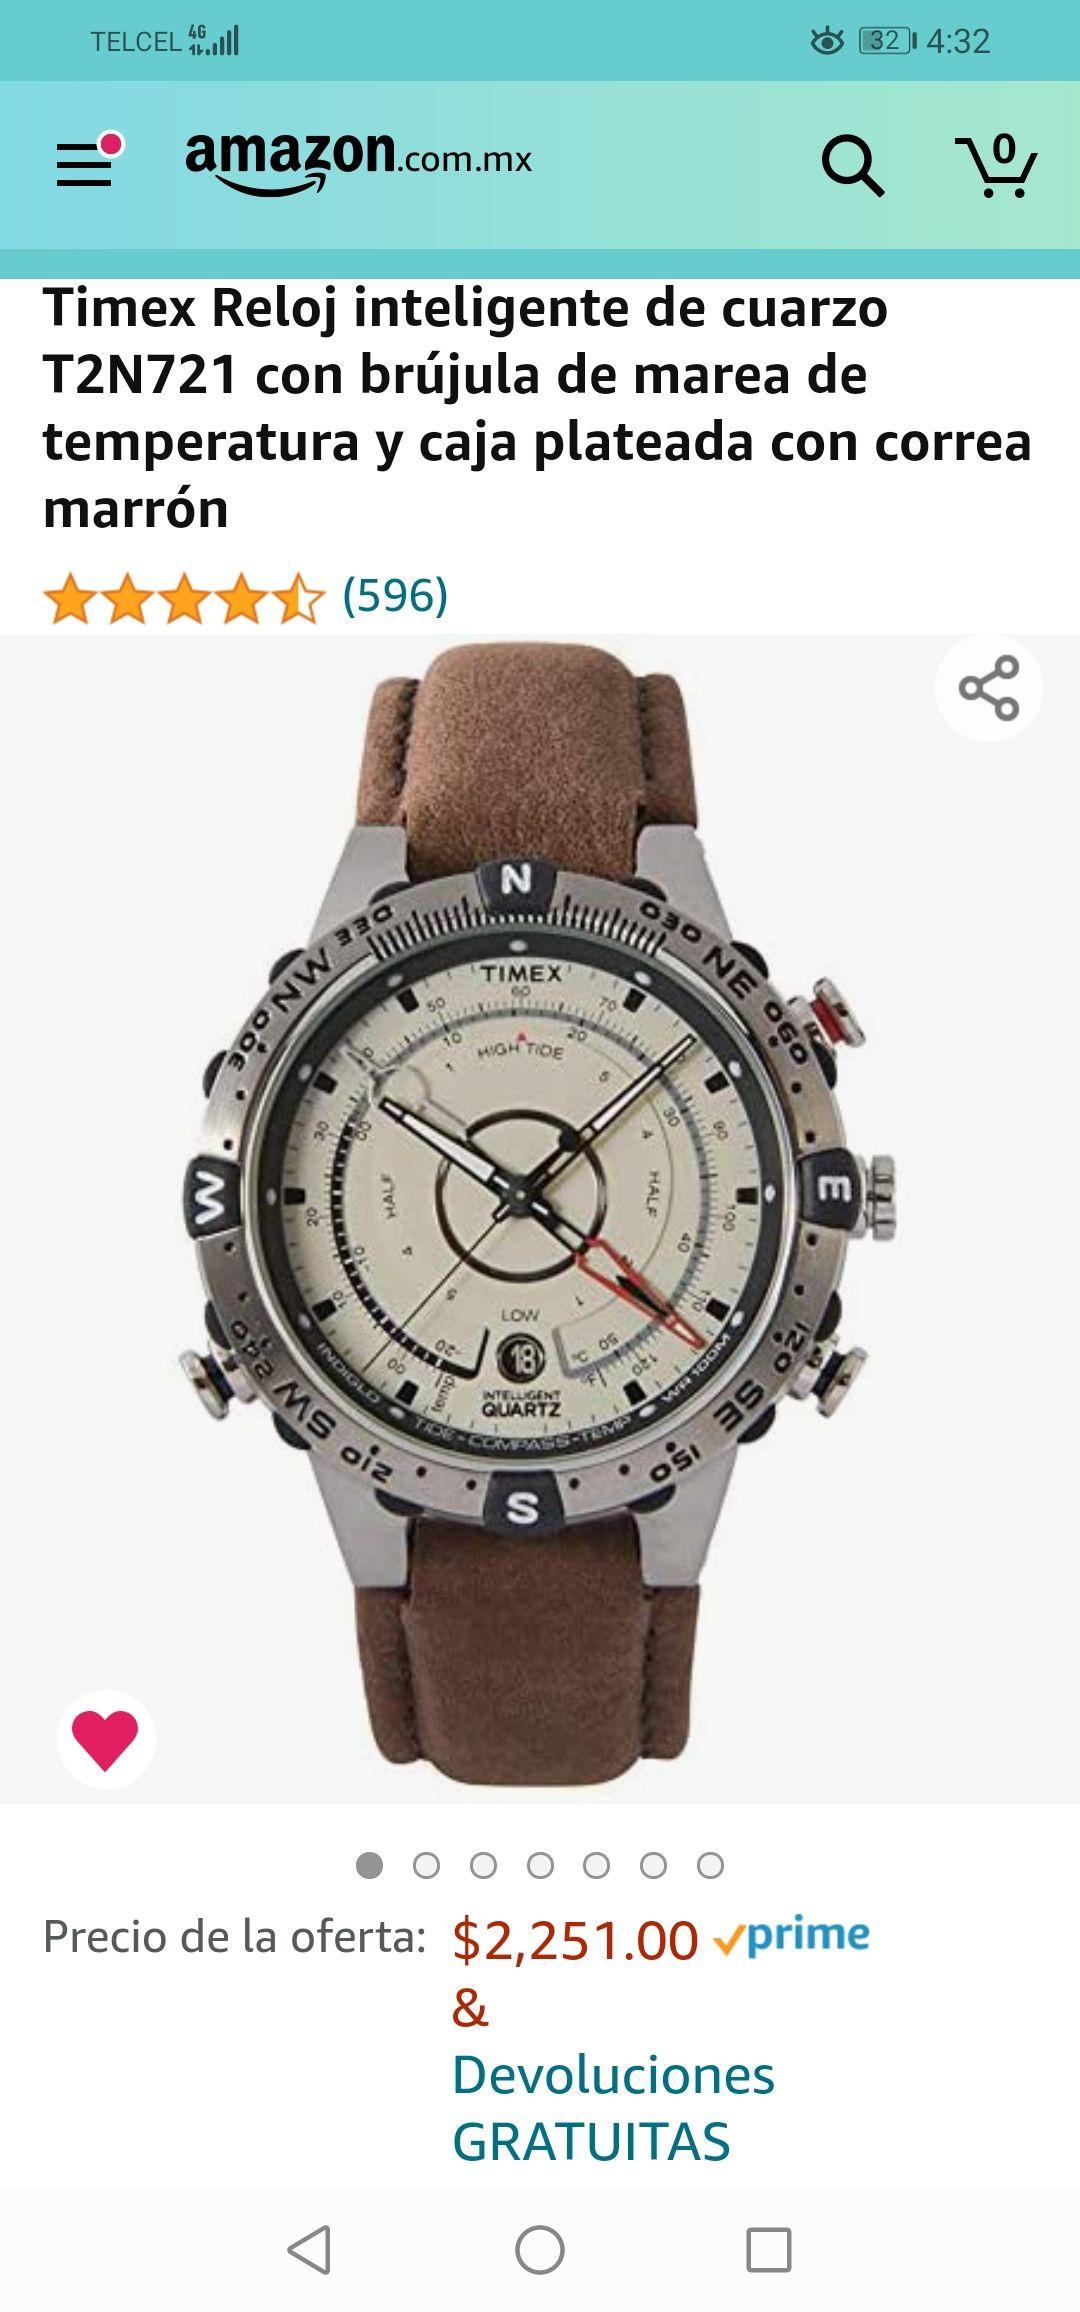 Amazon: Timex Reloj inteligente de cuarzo T2N721 con brújula de marea de temperatura y caja plateada con correa marrón